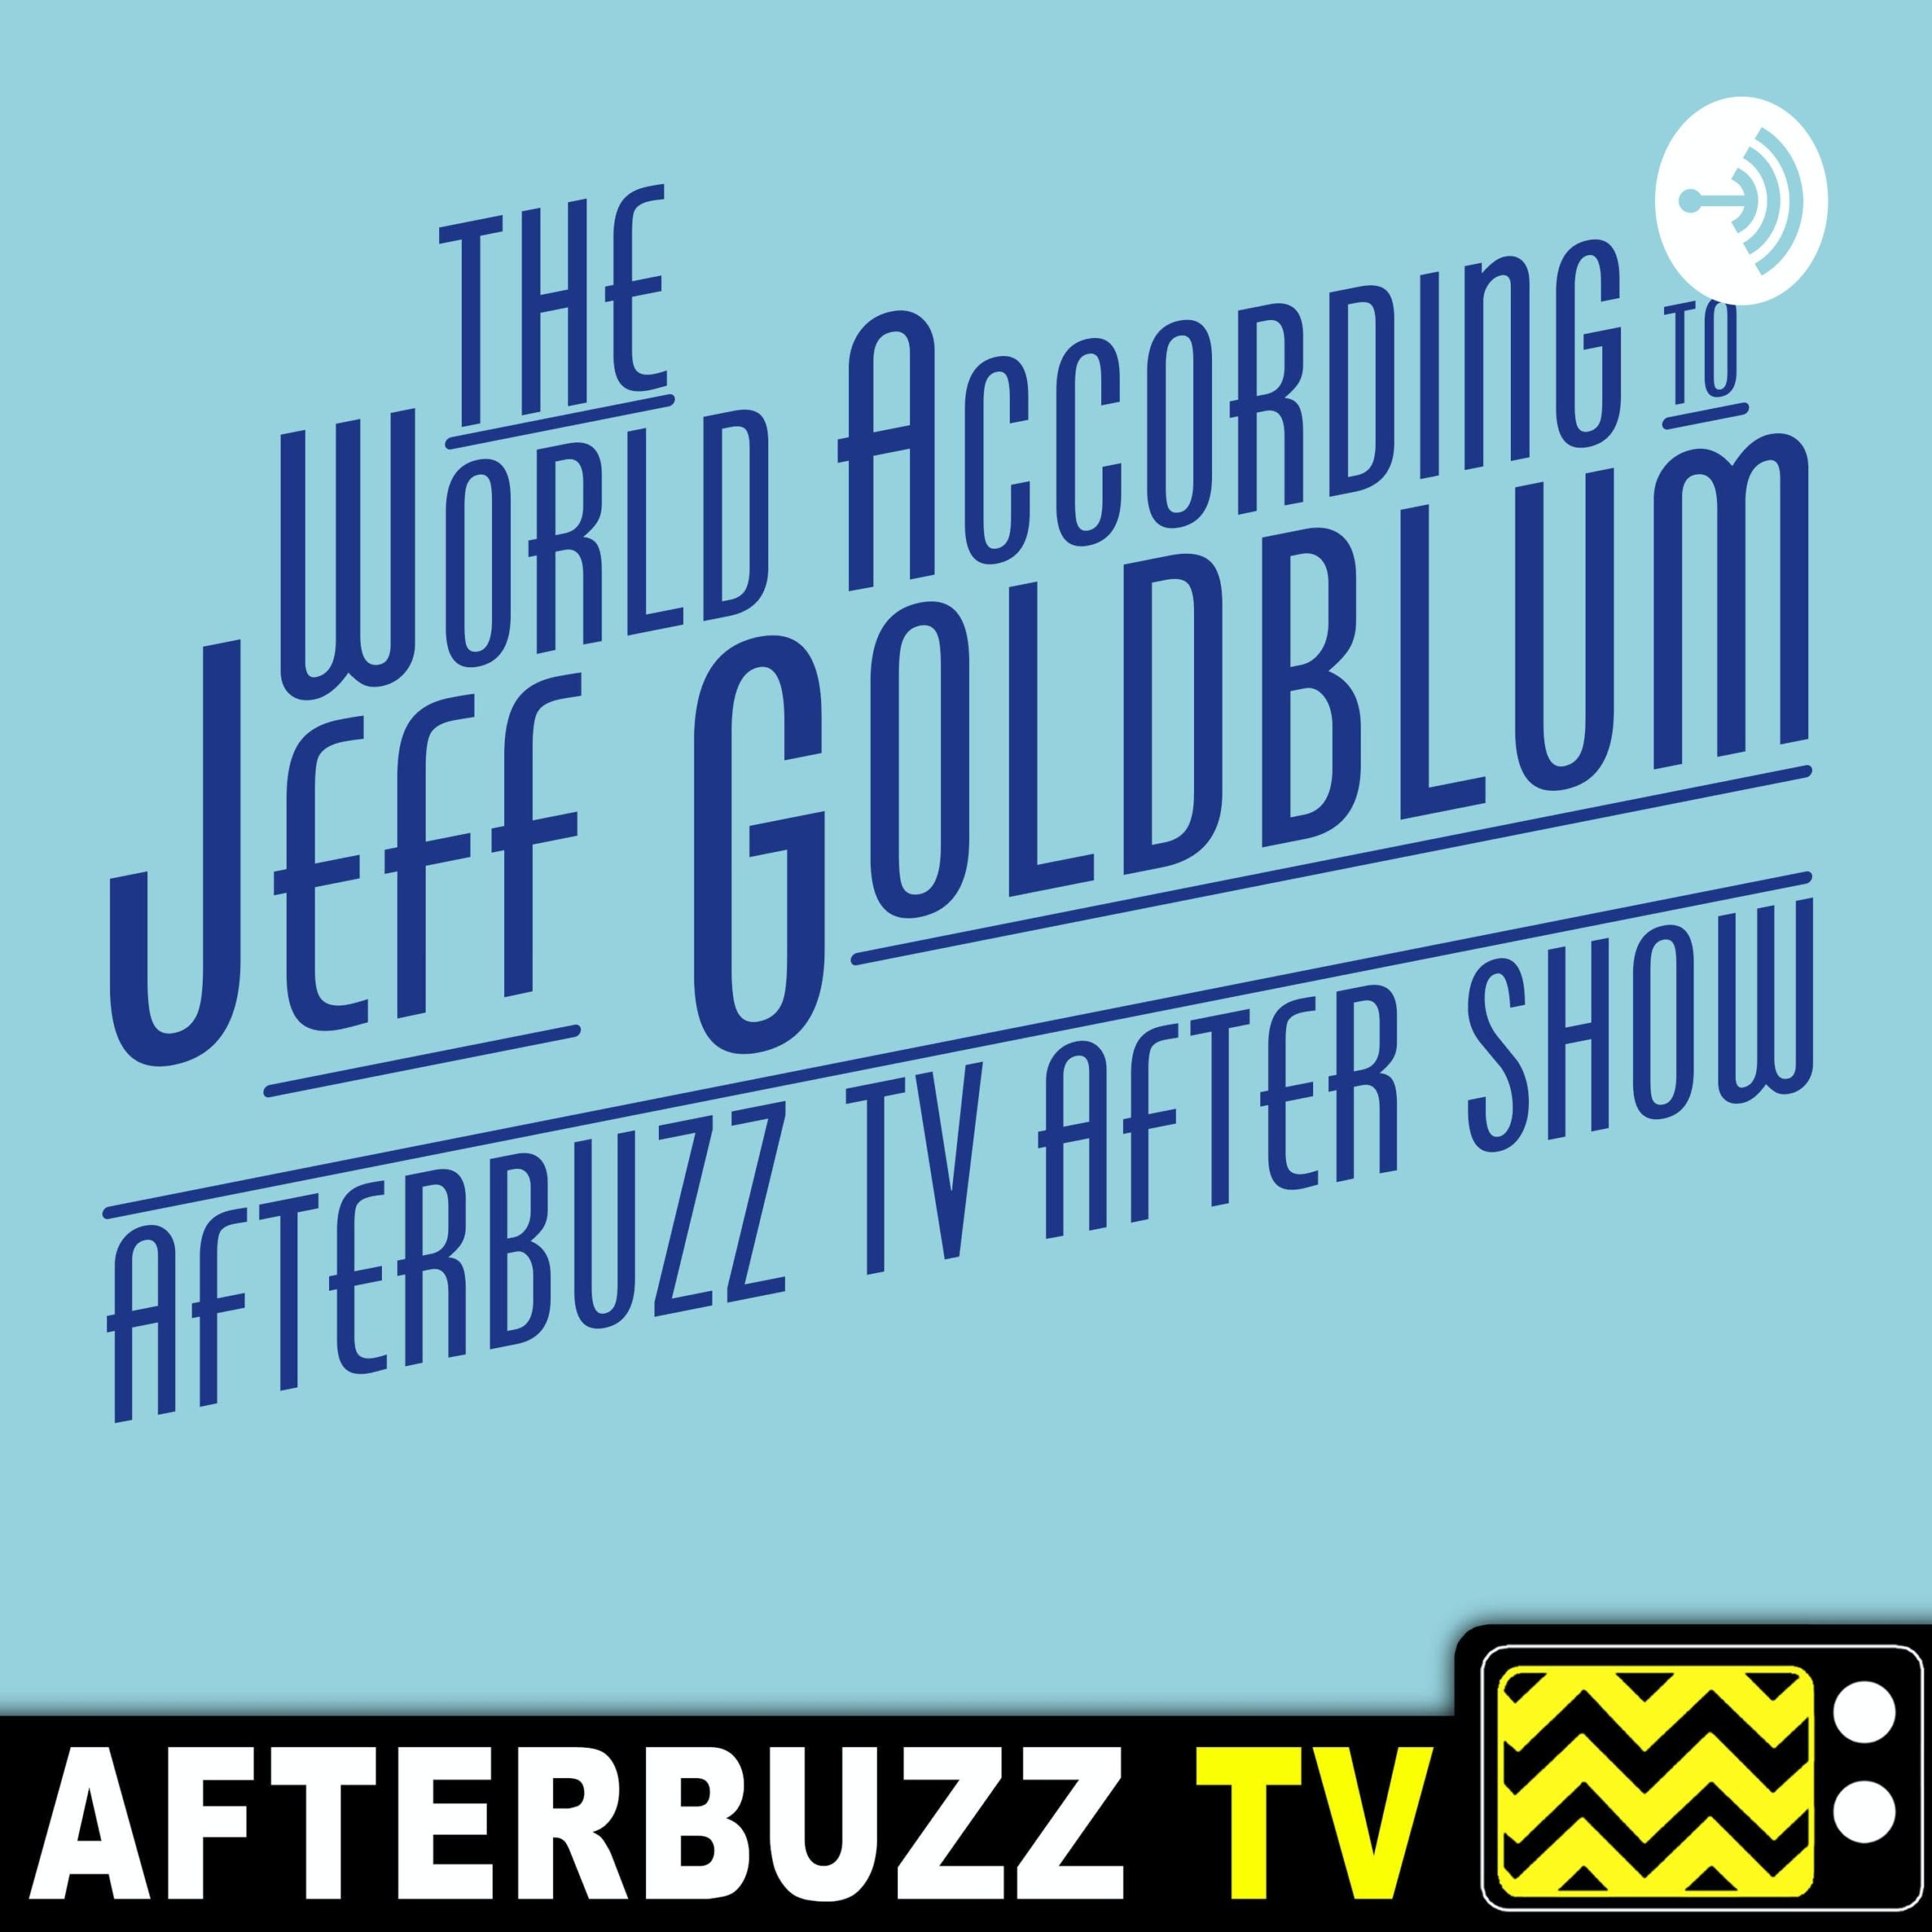 """""""Bikes; RV's"""" Season 1 Episodes 7 & 8 The World According to Jeff Goldblum Review & Recap"""